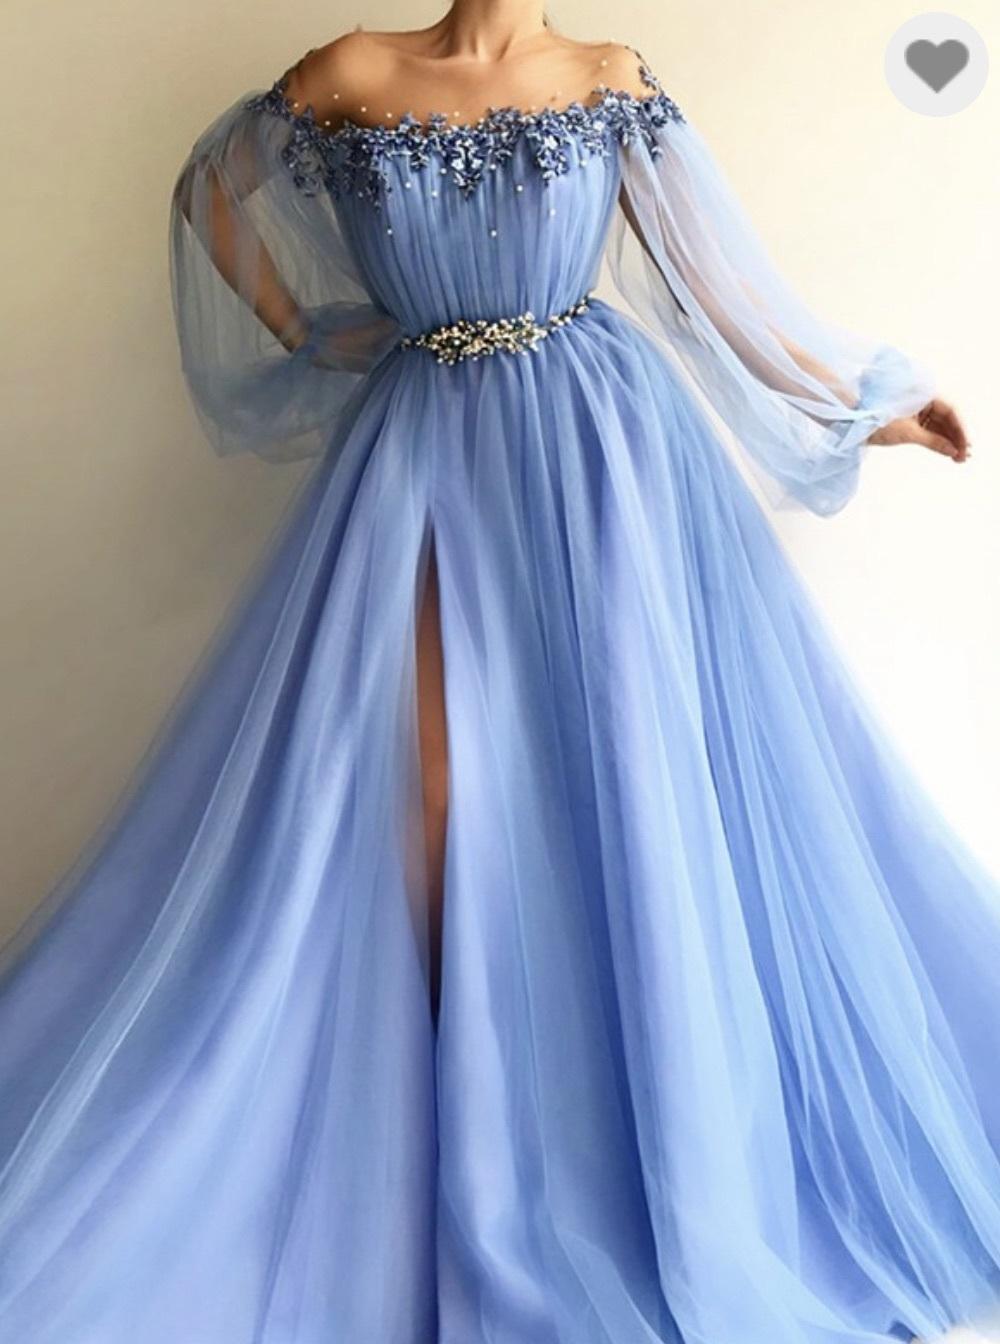 050ffa7f3b533 dress blue dress bondeau prom dress baby blue light blue long prom dress  long dress long